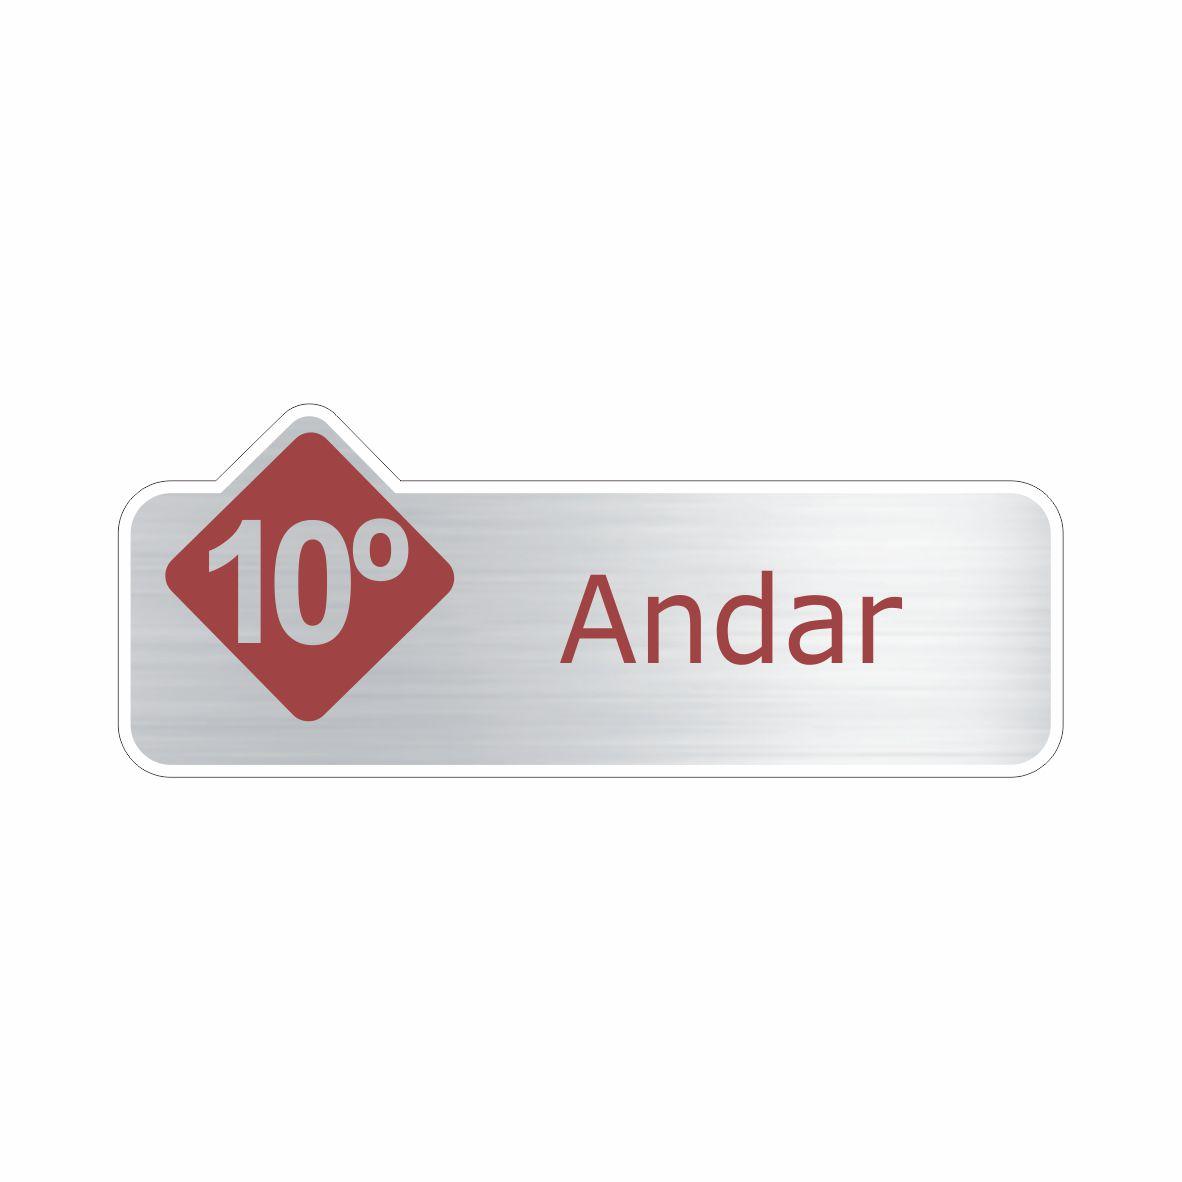 10º Andar  - Towbar Sinalização de Segurança